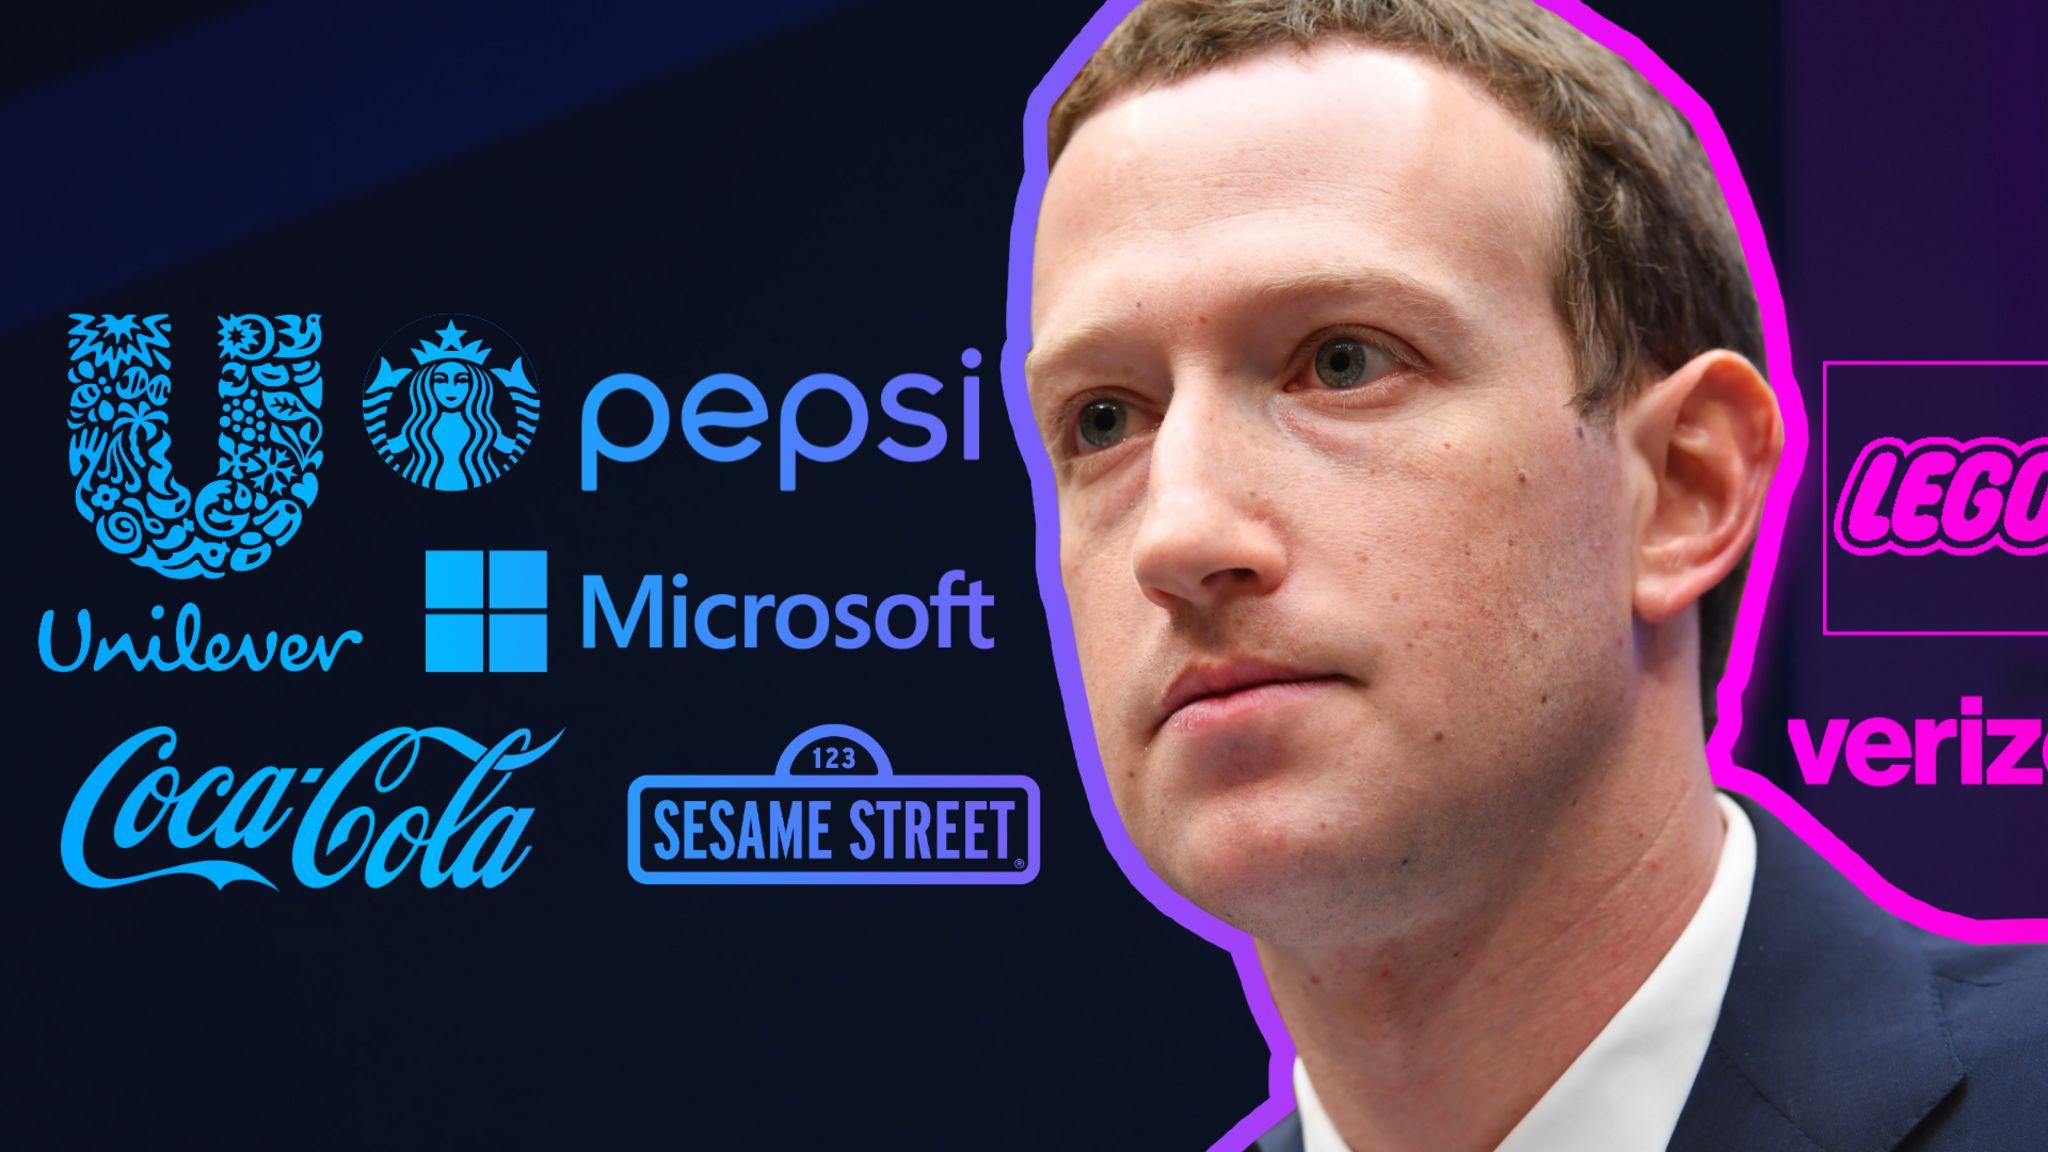 Mark Zuckerberg in front of company logos